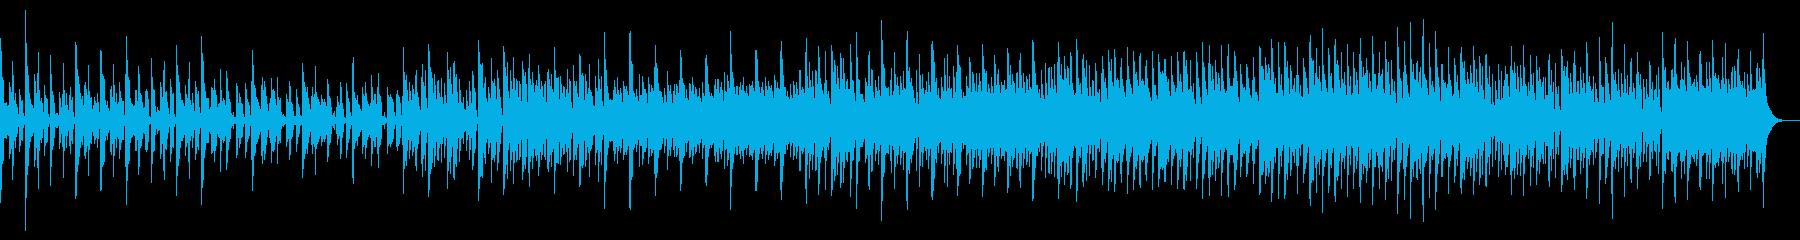 ピアノとギターの哀愁フォークの再生済みの波形